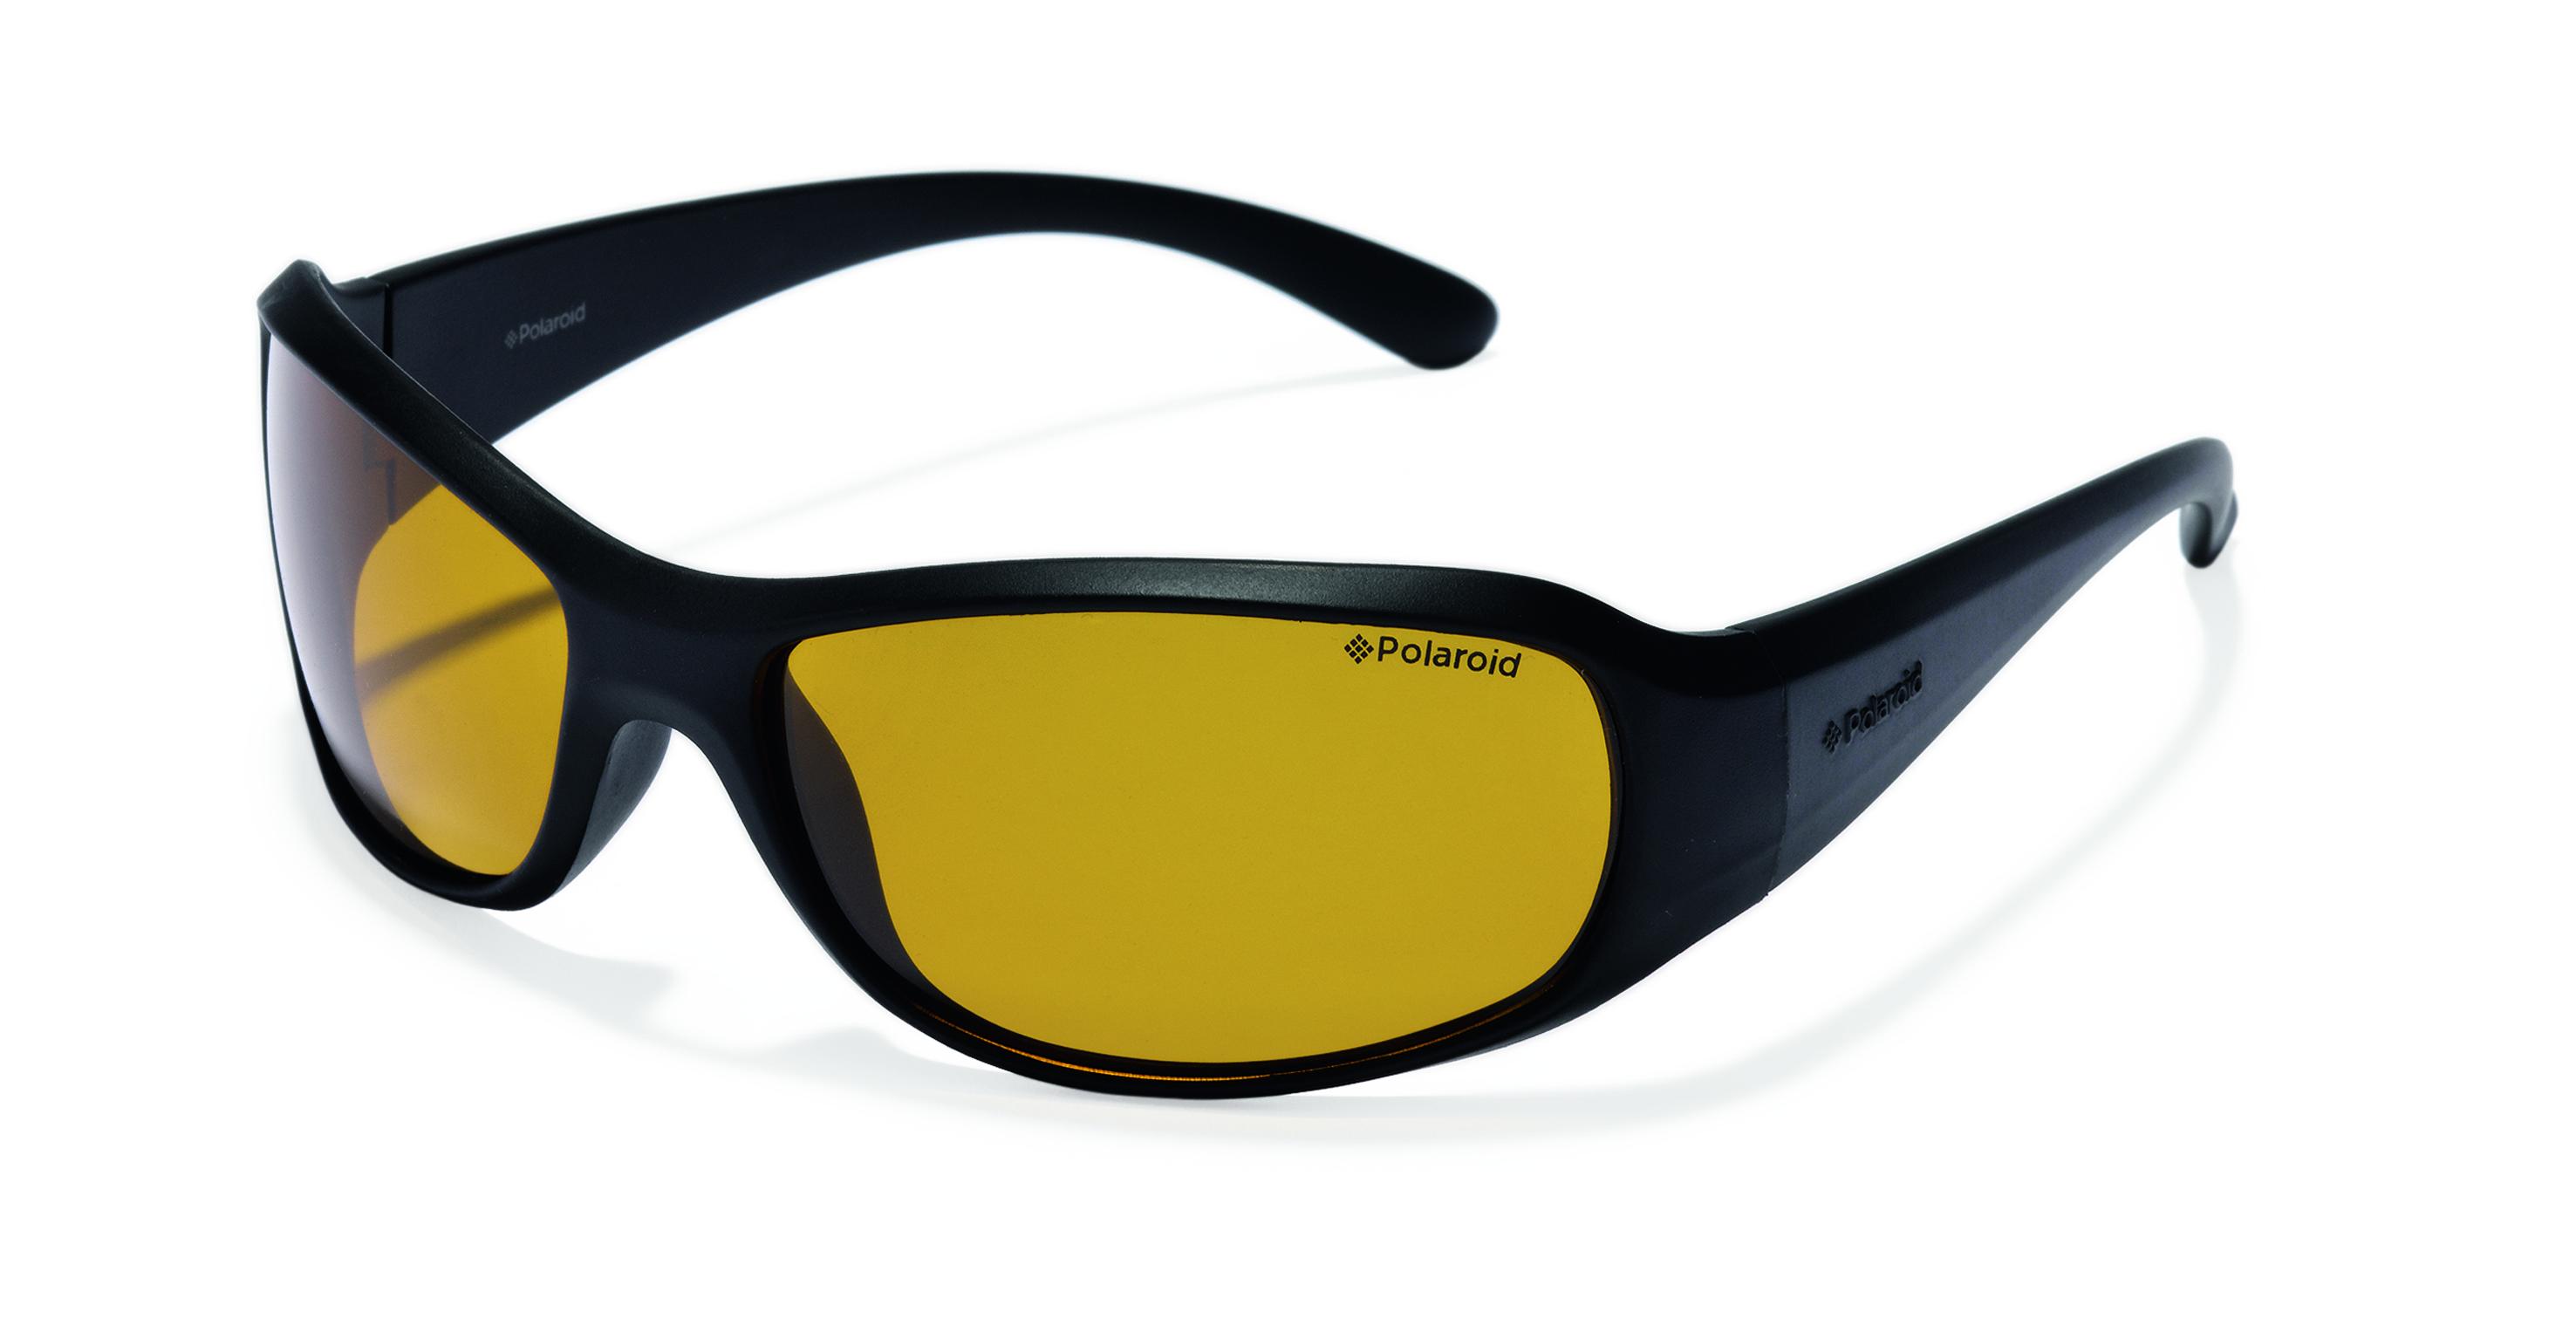 Polaroid очки поляризационные P7228BP7228BПоляризационные солнцезащитные очки Polaroid обеспечивают видение без бликов, 100%-ую защиту от ультрафиолетового излучения, естественные цвета, чистые контрасты и снижение усталости глаз. Все линзы обладают ударопрочными свойствами и стойкостью к царапинам для защиты Ваших глаз. Очки Polaroid - лучшие солнцезащитные очки с поляризационными линзами по доступным ценам.